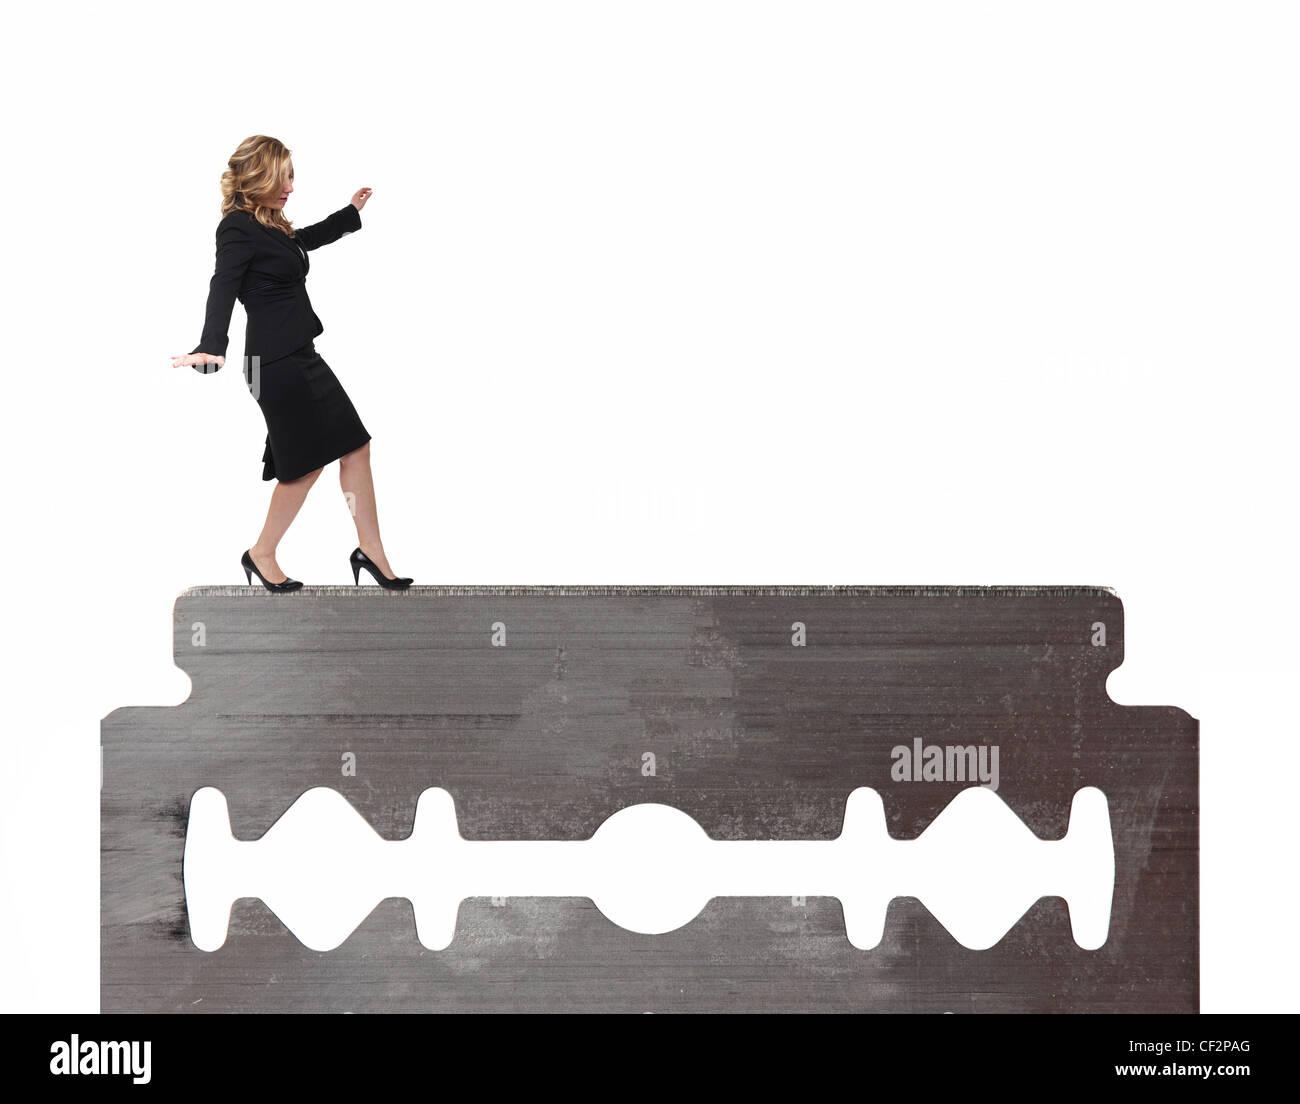 Businesswoman marcher sur une lame de rasoir Banque D'Images